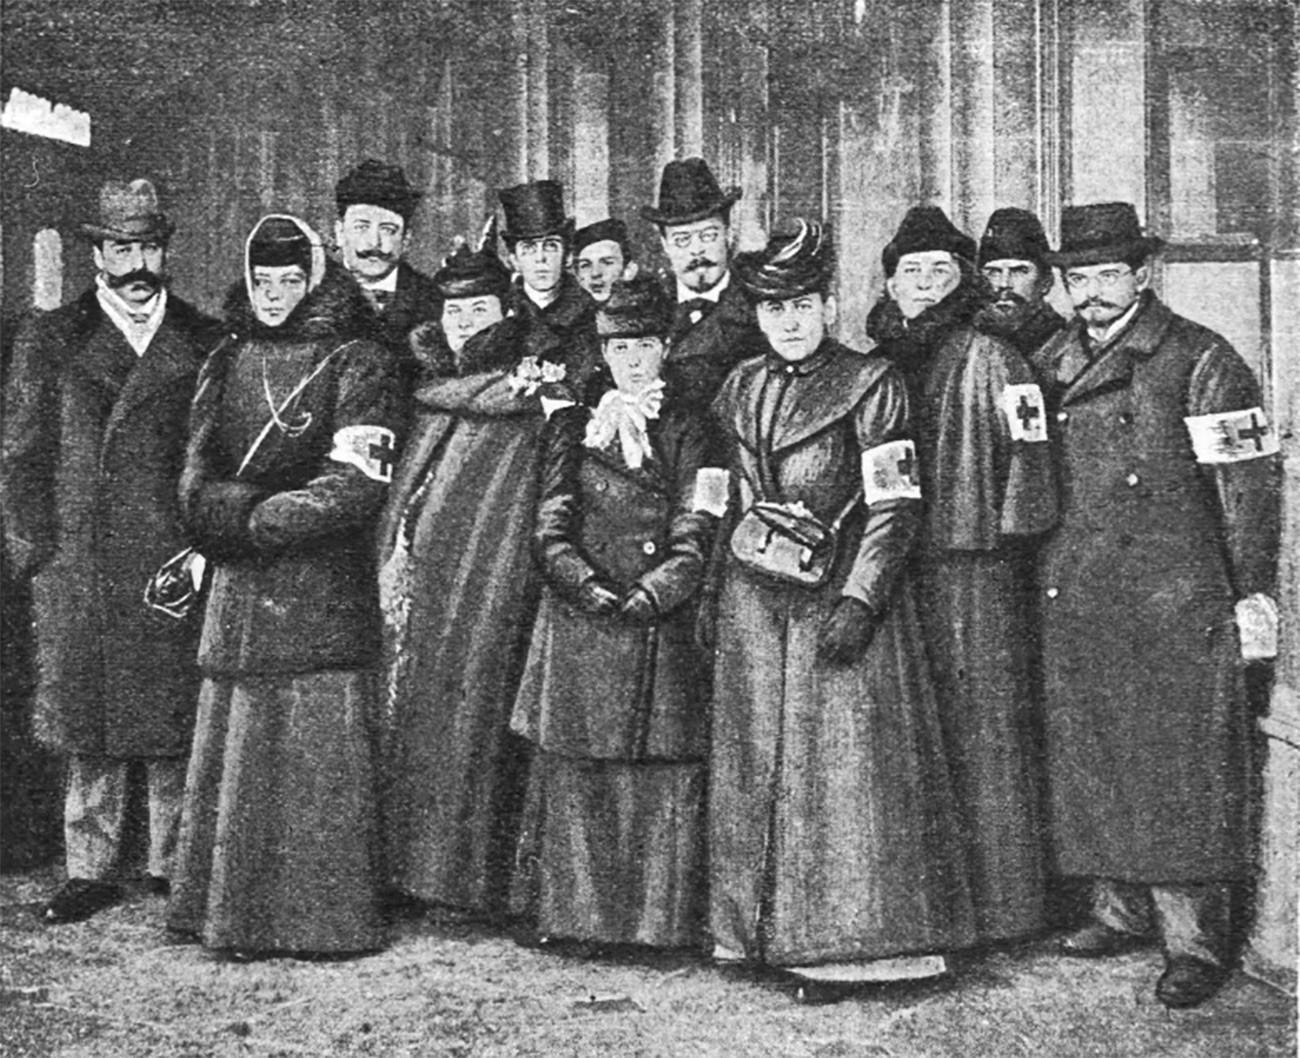 赤十字義勇部隊、ワルシャワ鉄道駅、1899年